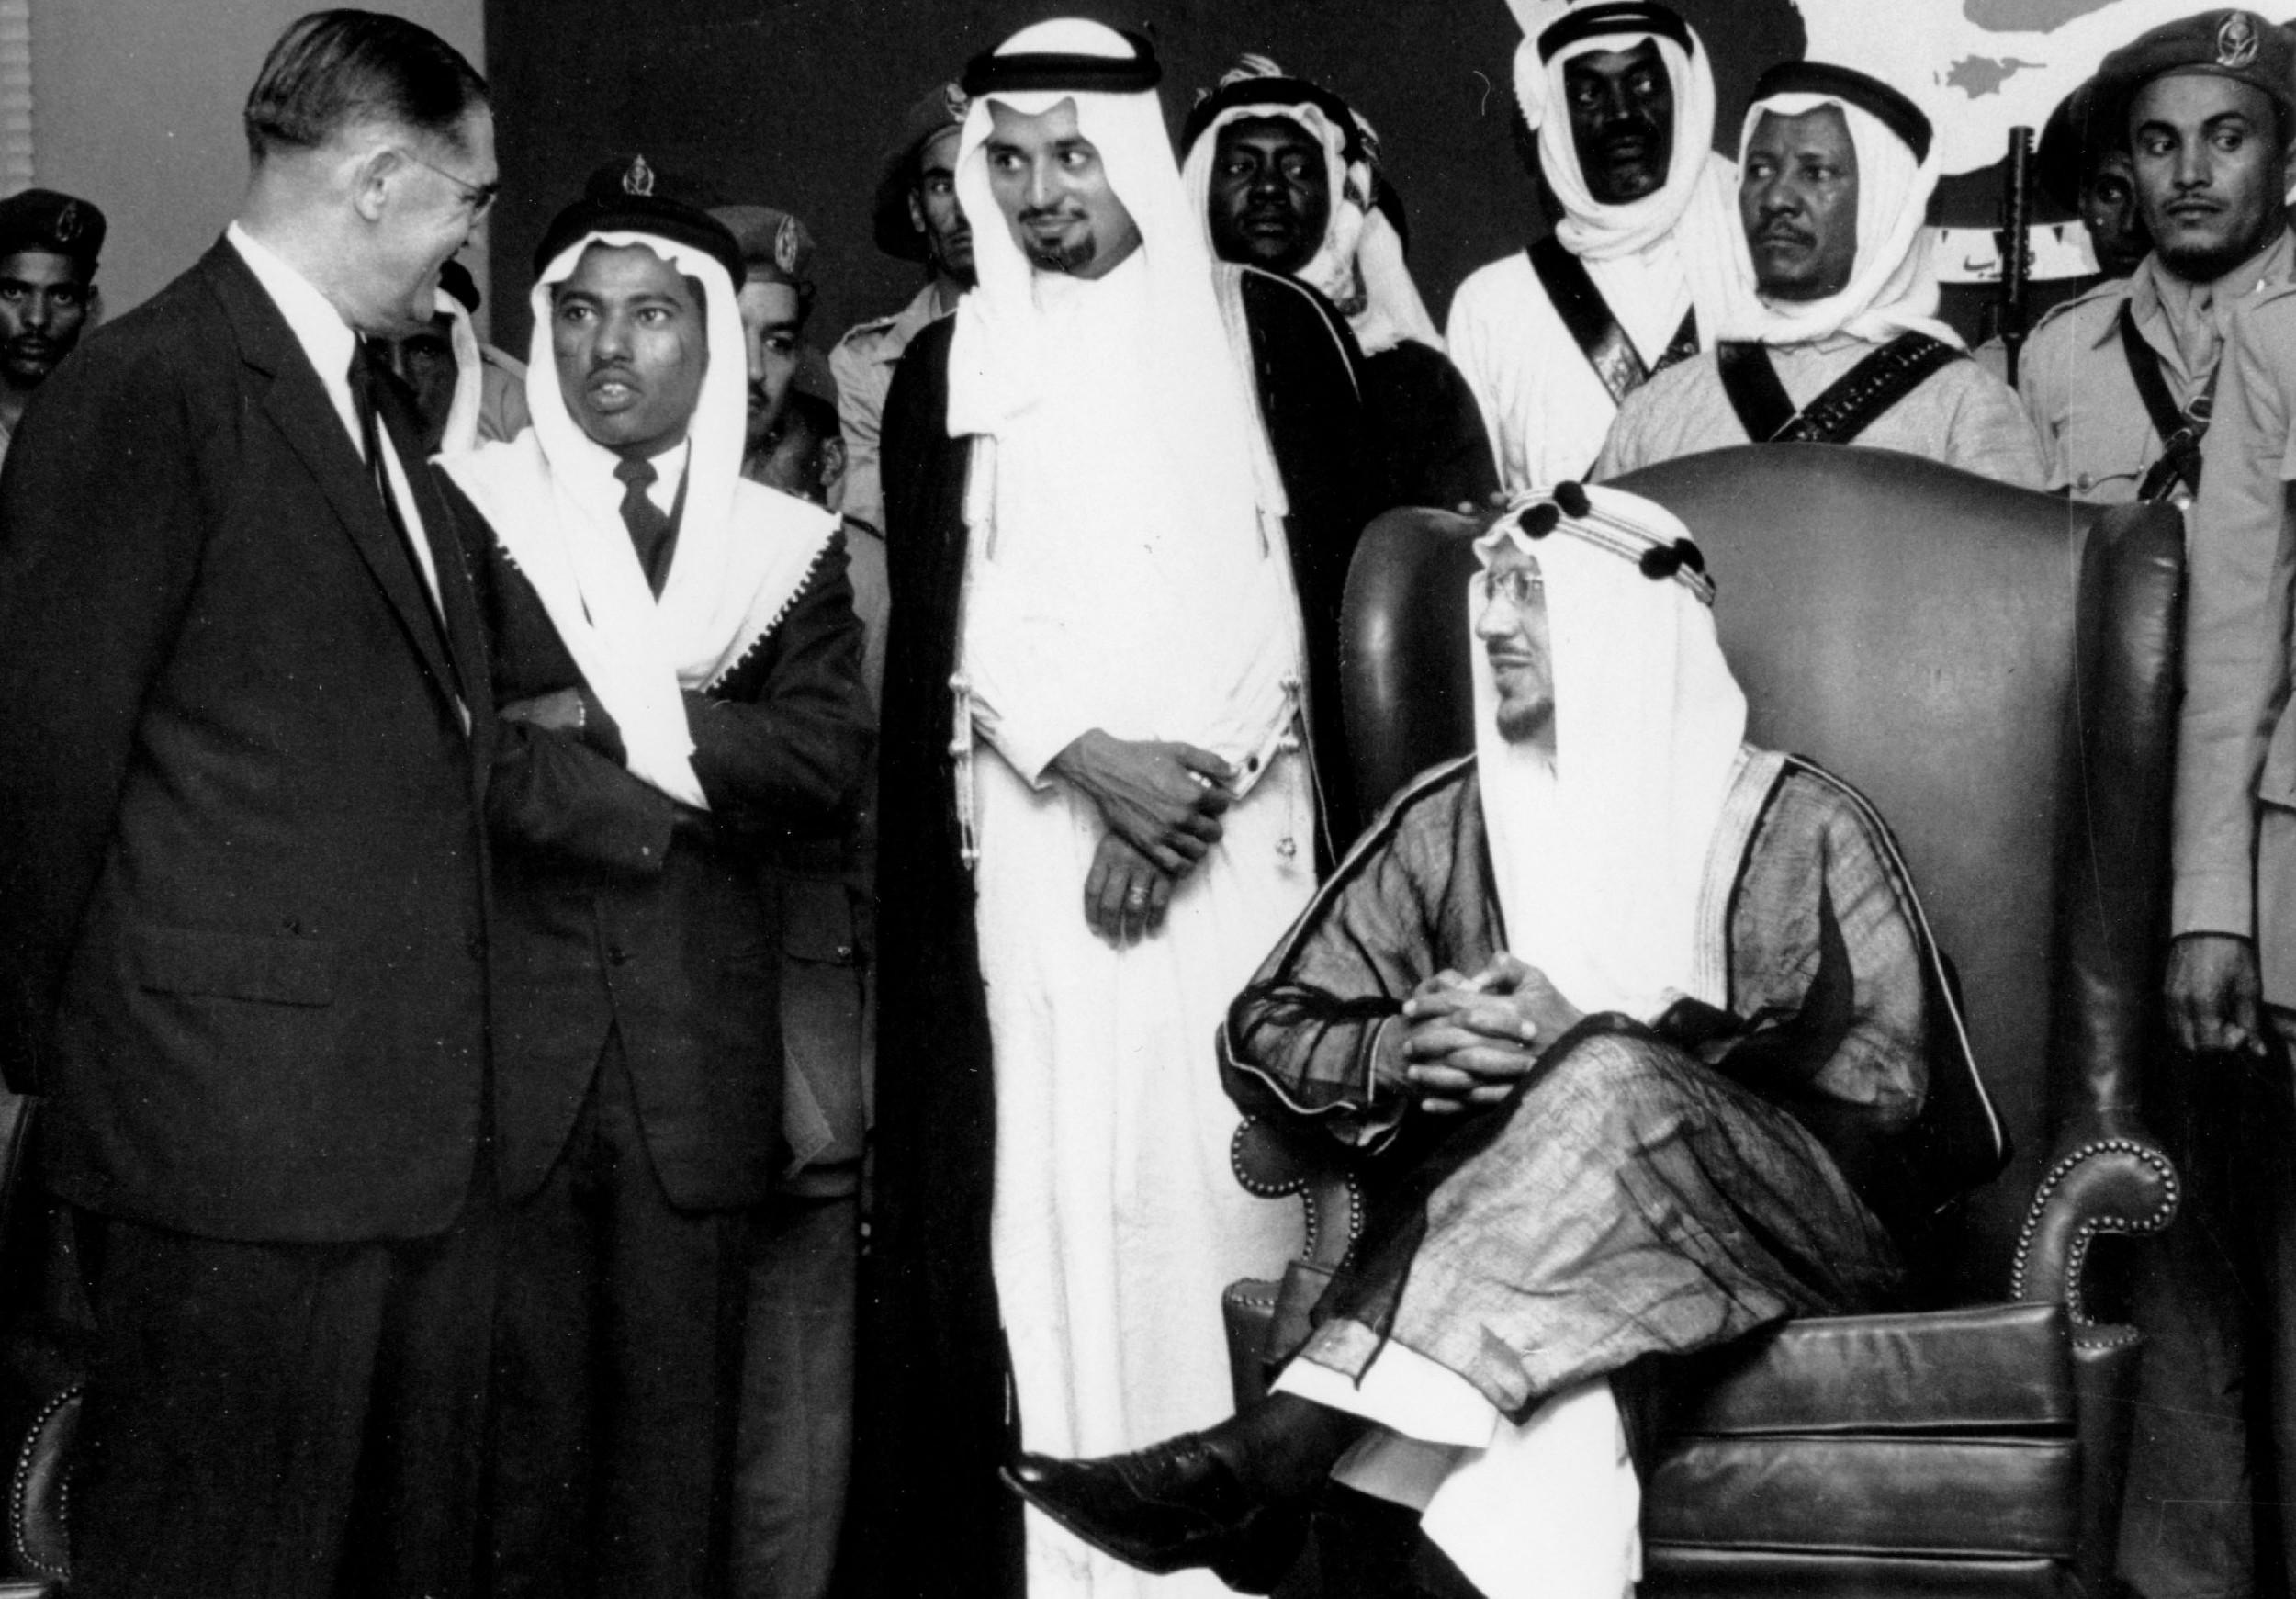 Saudijski kralj Ibn Saud okružen saradnicima (Foto: 2facetruth.com)